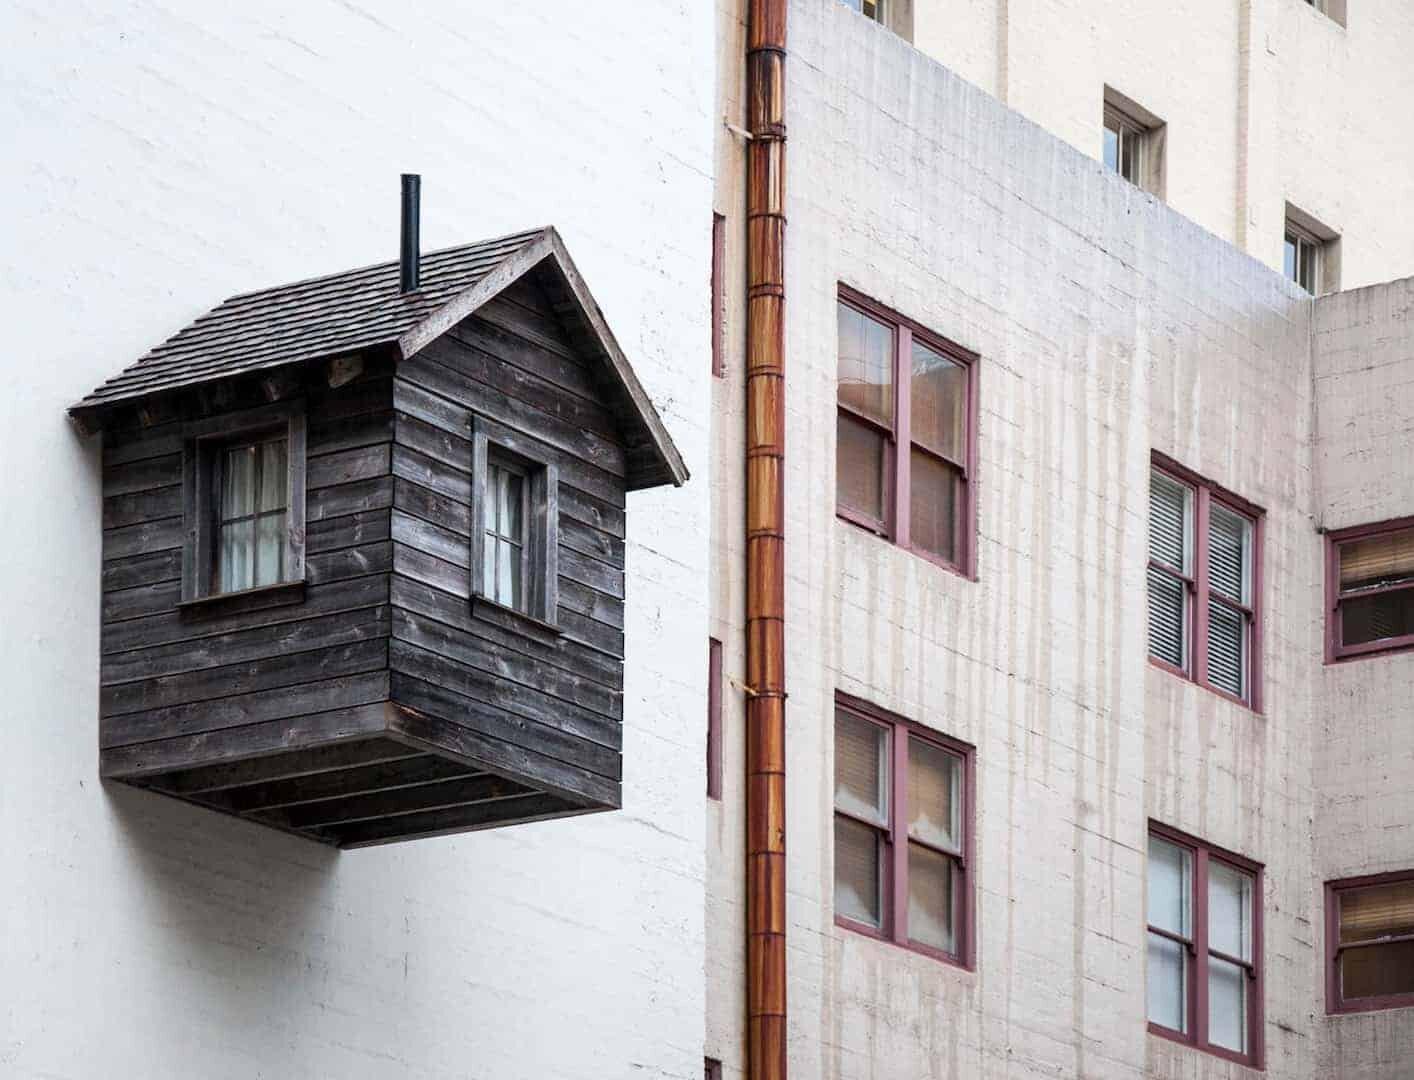 Isännöitsijäntodistus, näin tulkitset sitä asuntokaupassa.